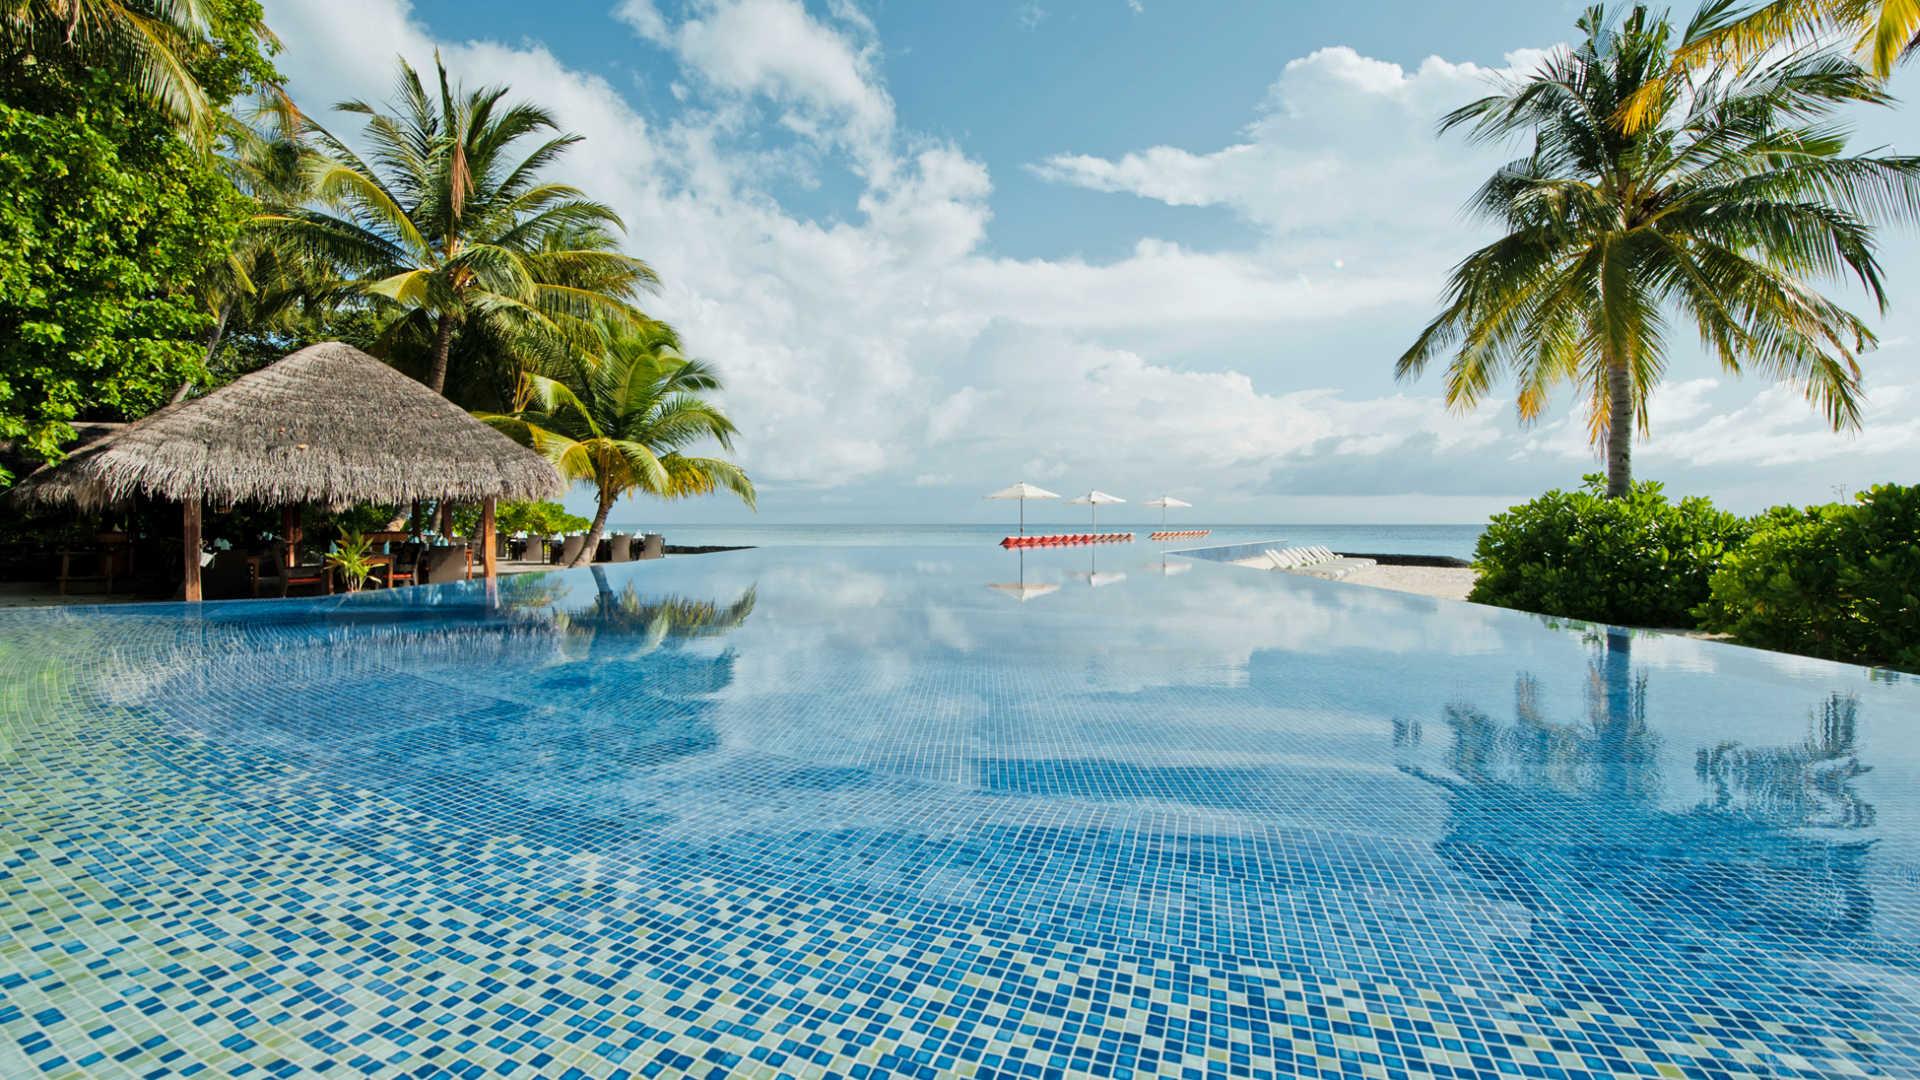 CLUB MED KANI, MALDIVES  ĐẢO THIÊN ĐƯỜNG  4 Days / 3 Nights